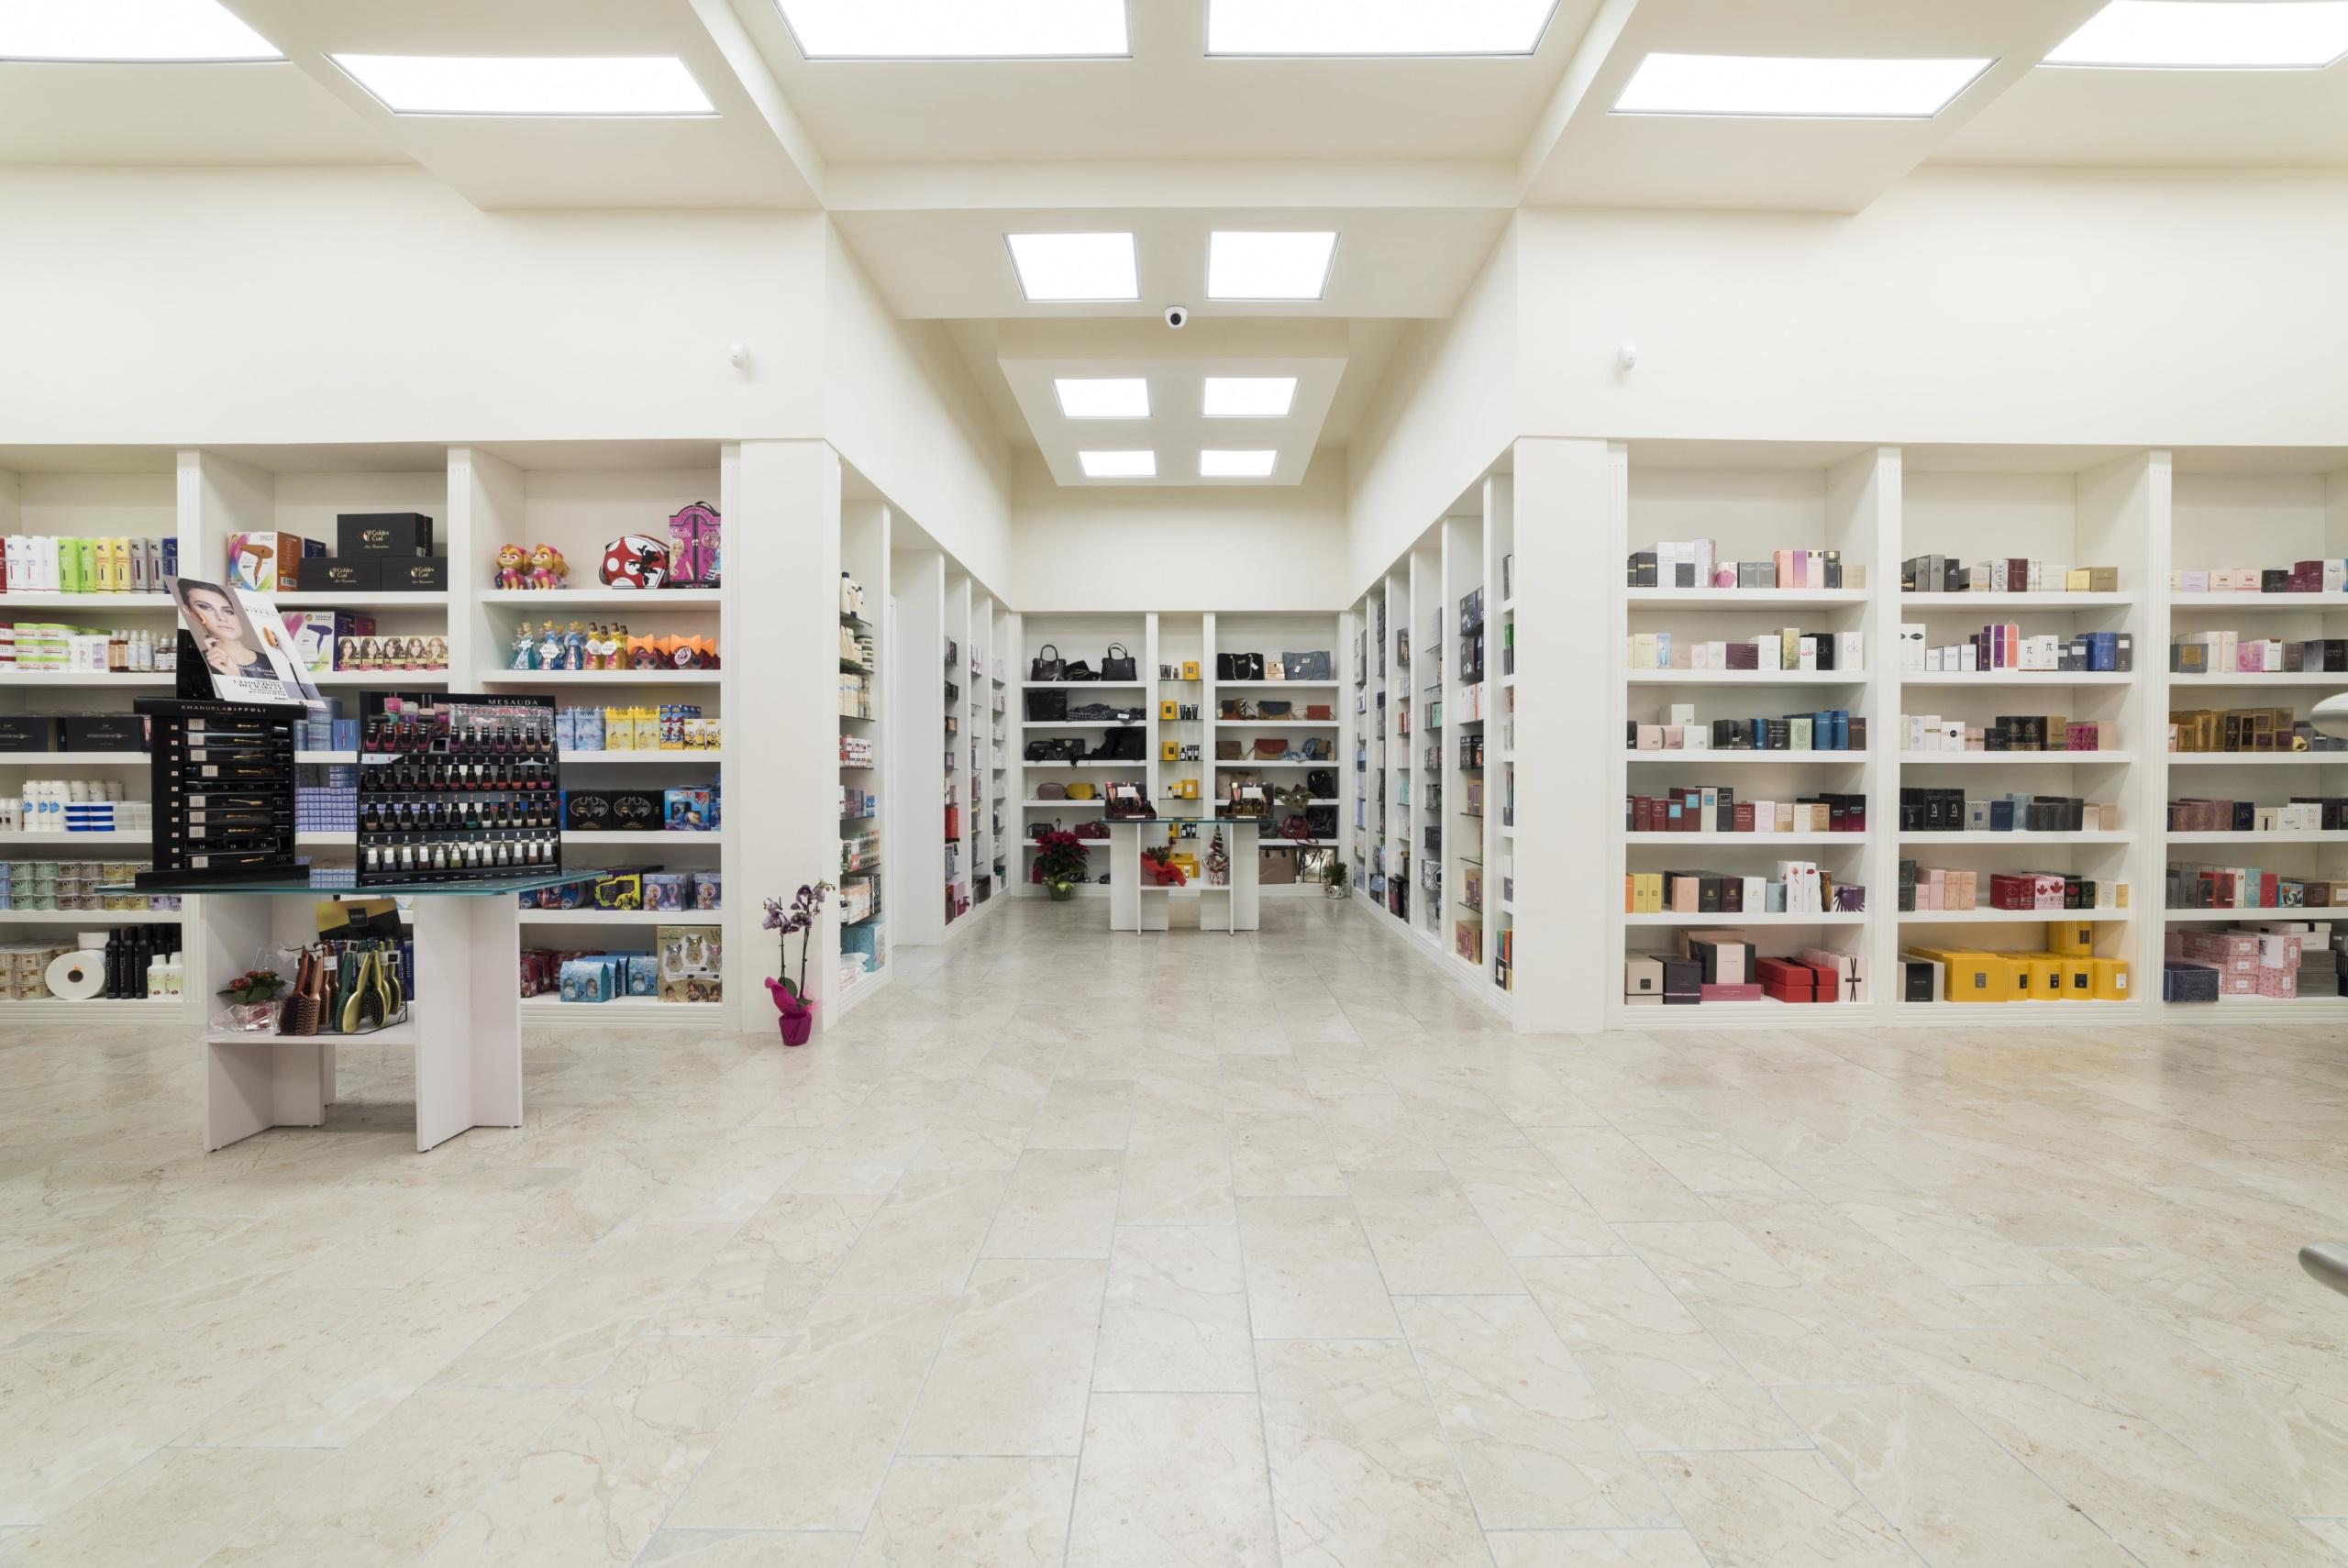 Serfizio fotografico per negozio di profumeria - Cava de' Tirreni